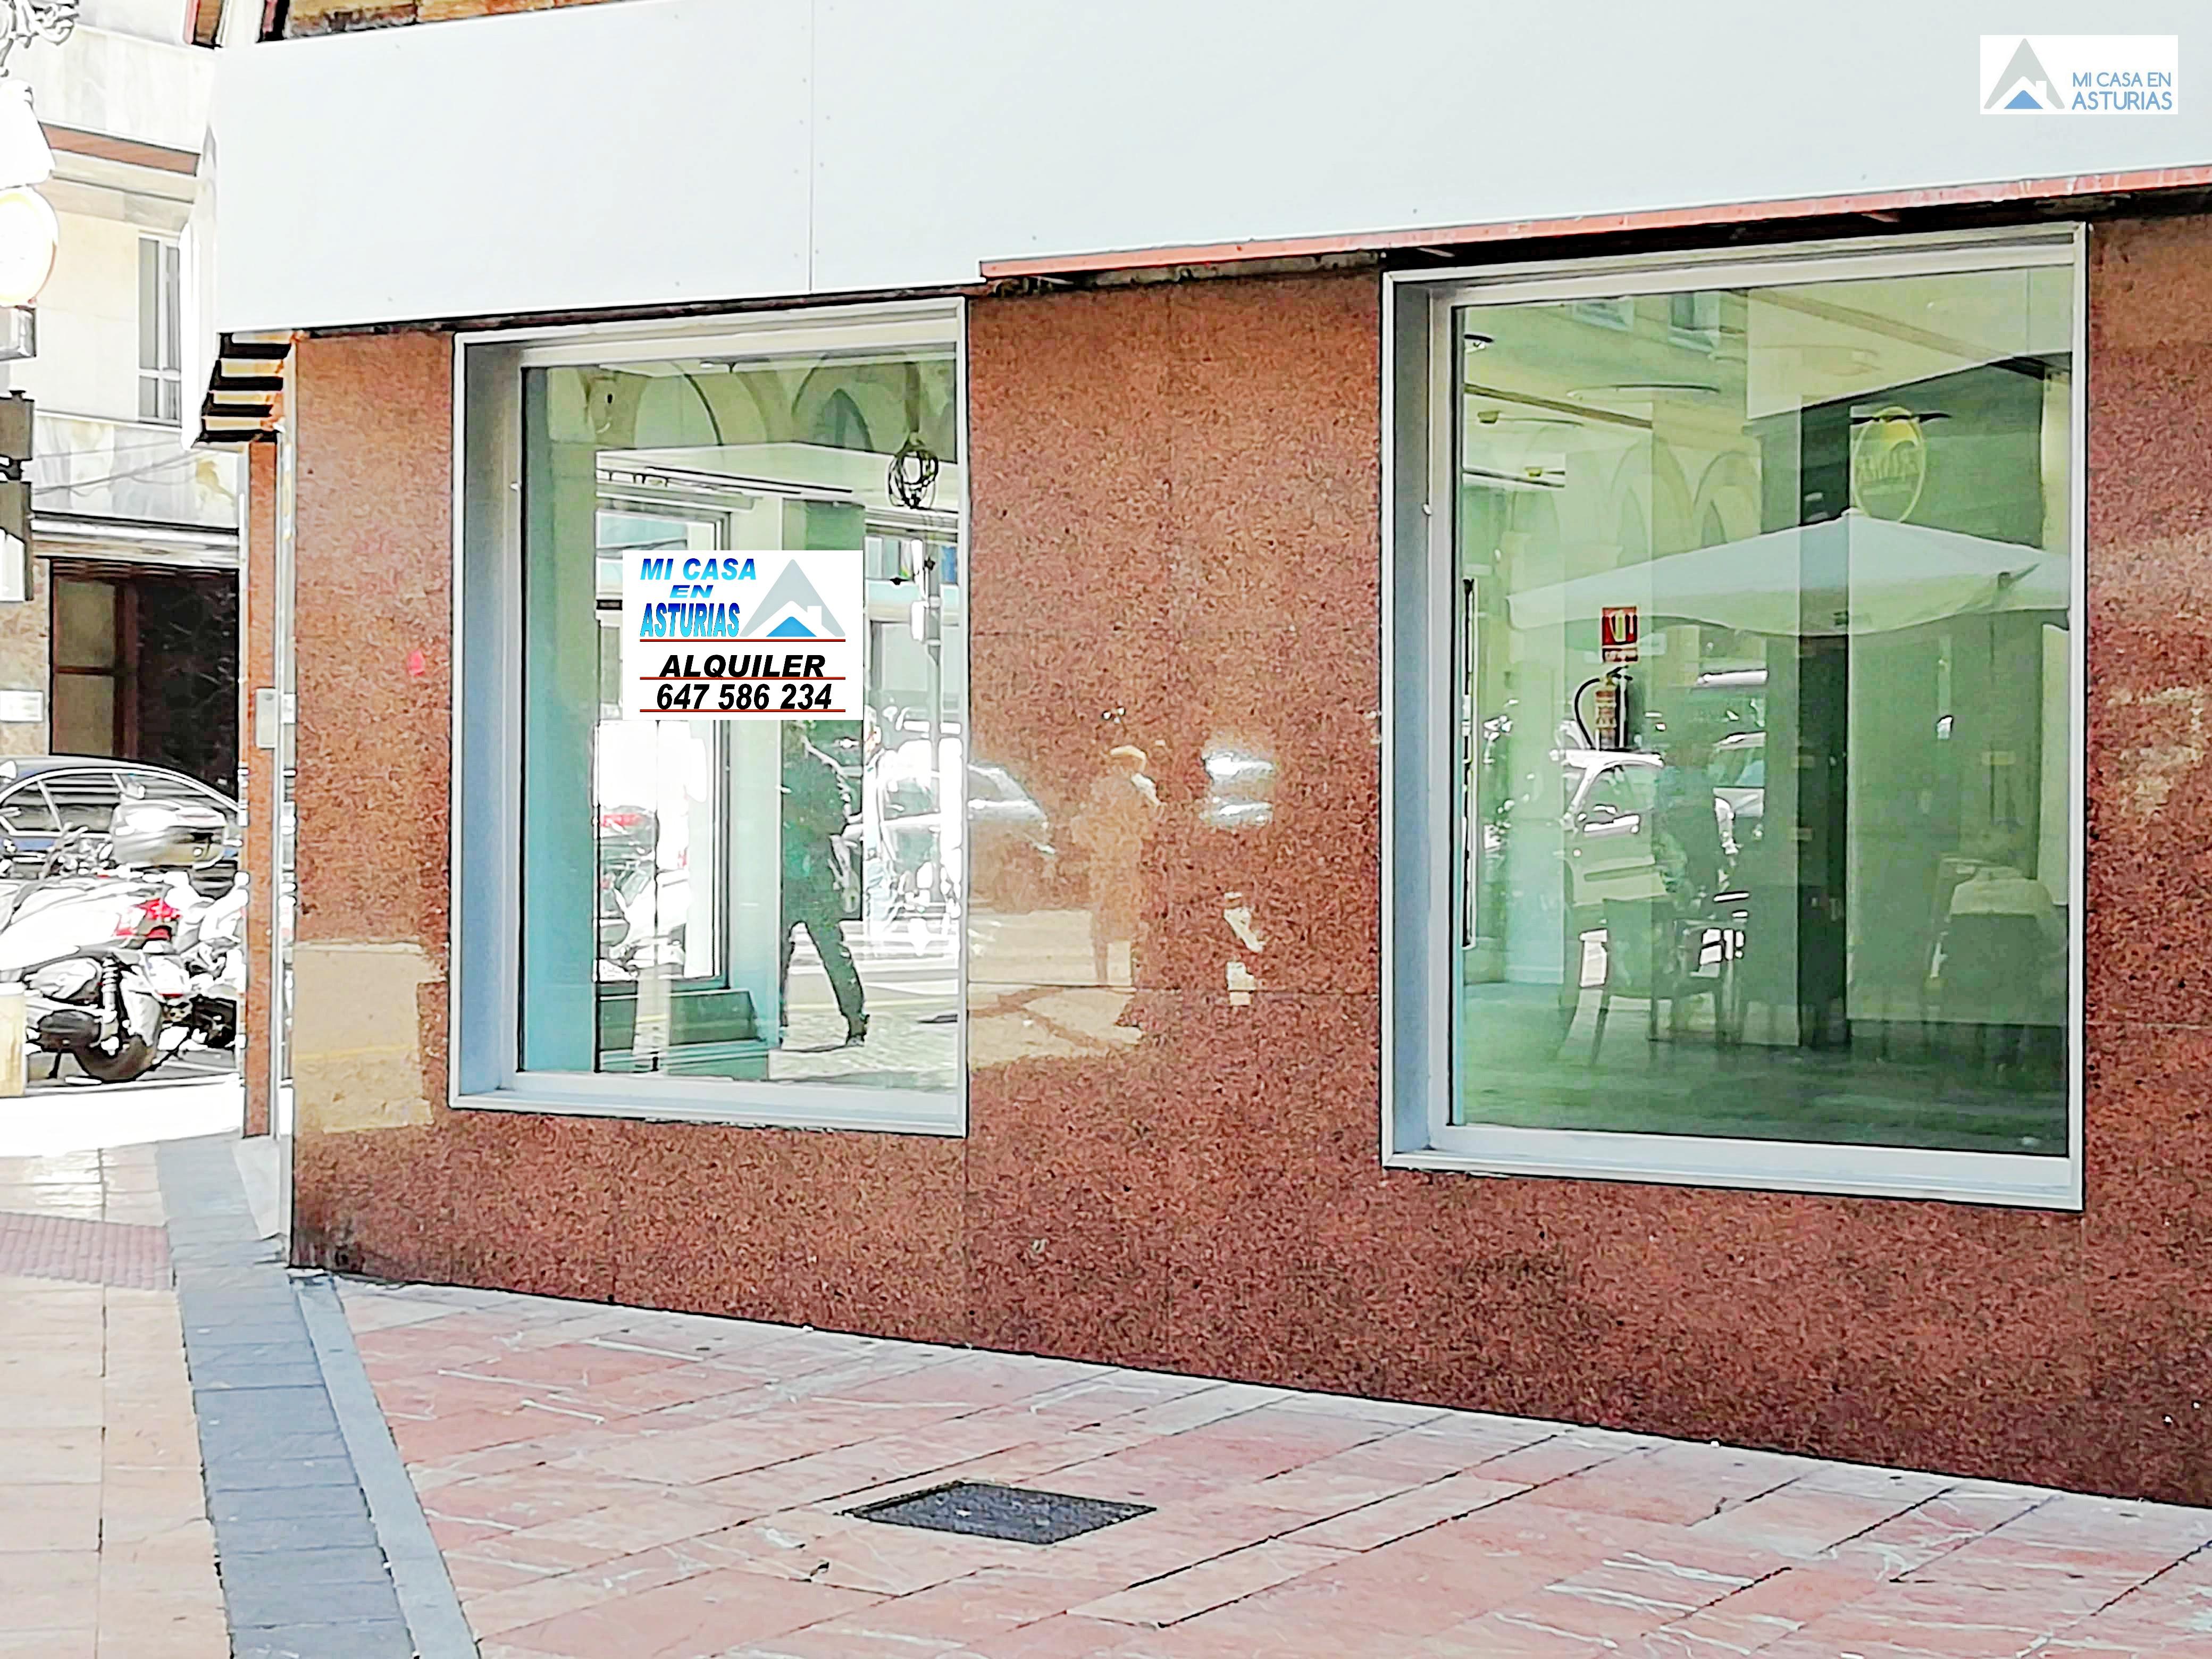 Alquiler de local comercial  en Gil de Jaz, Oviedo.